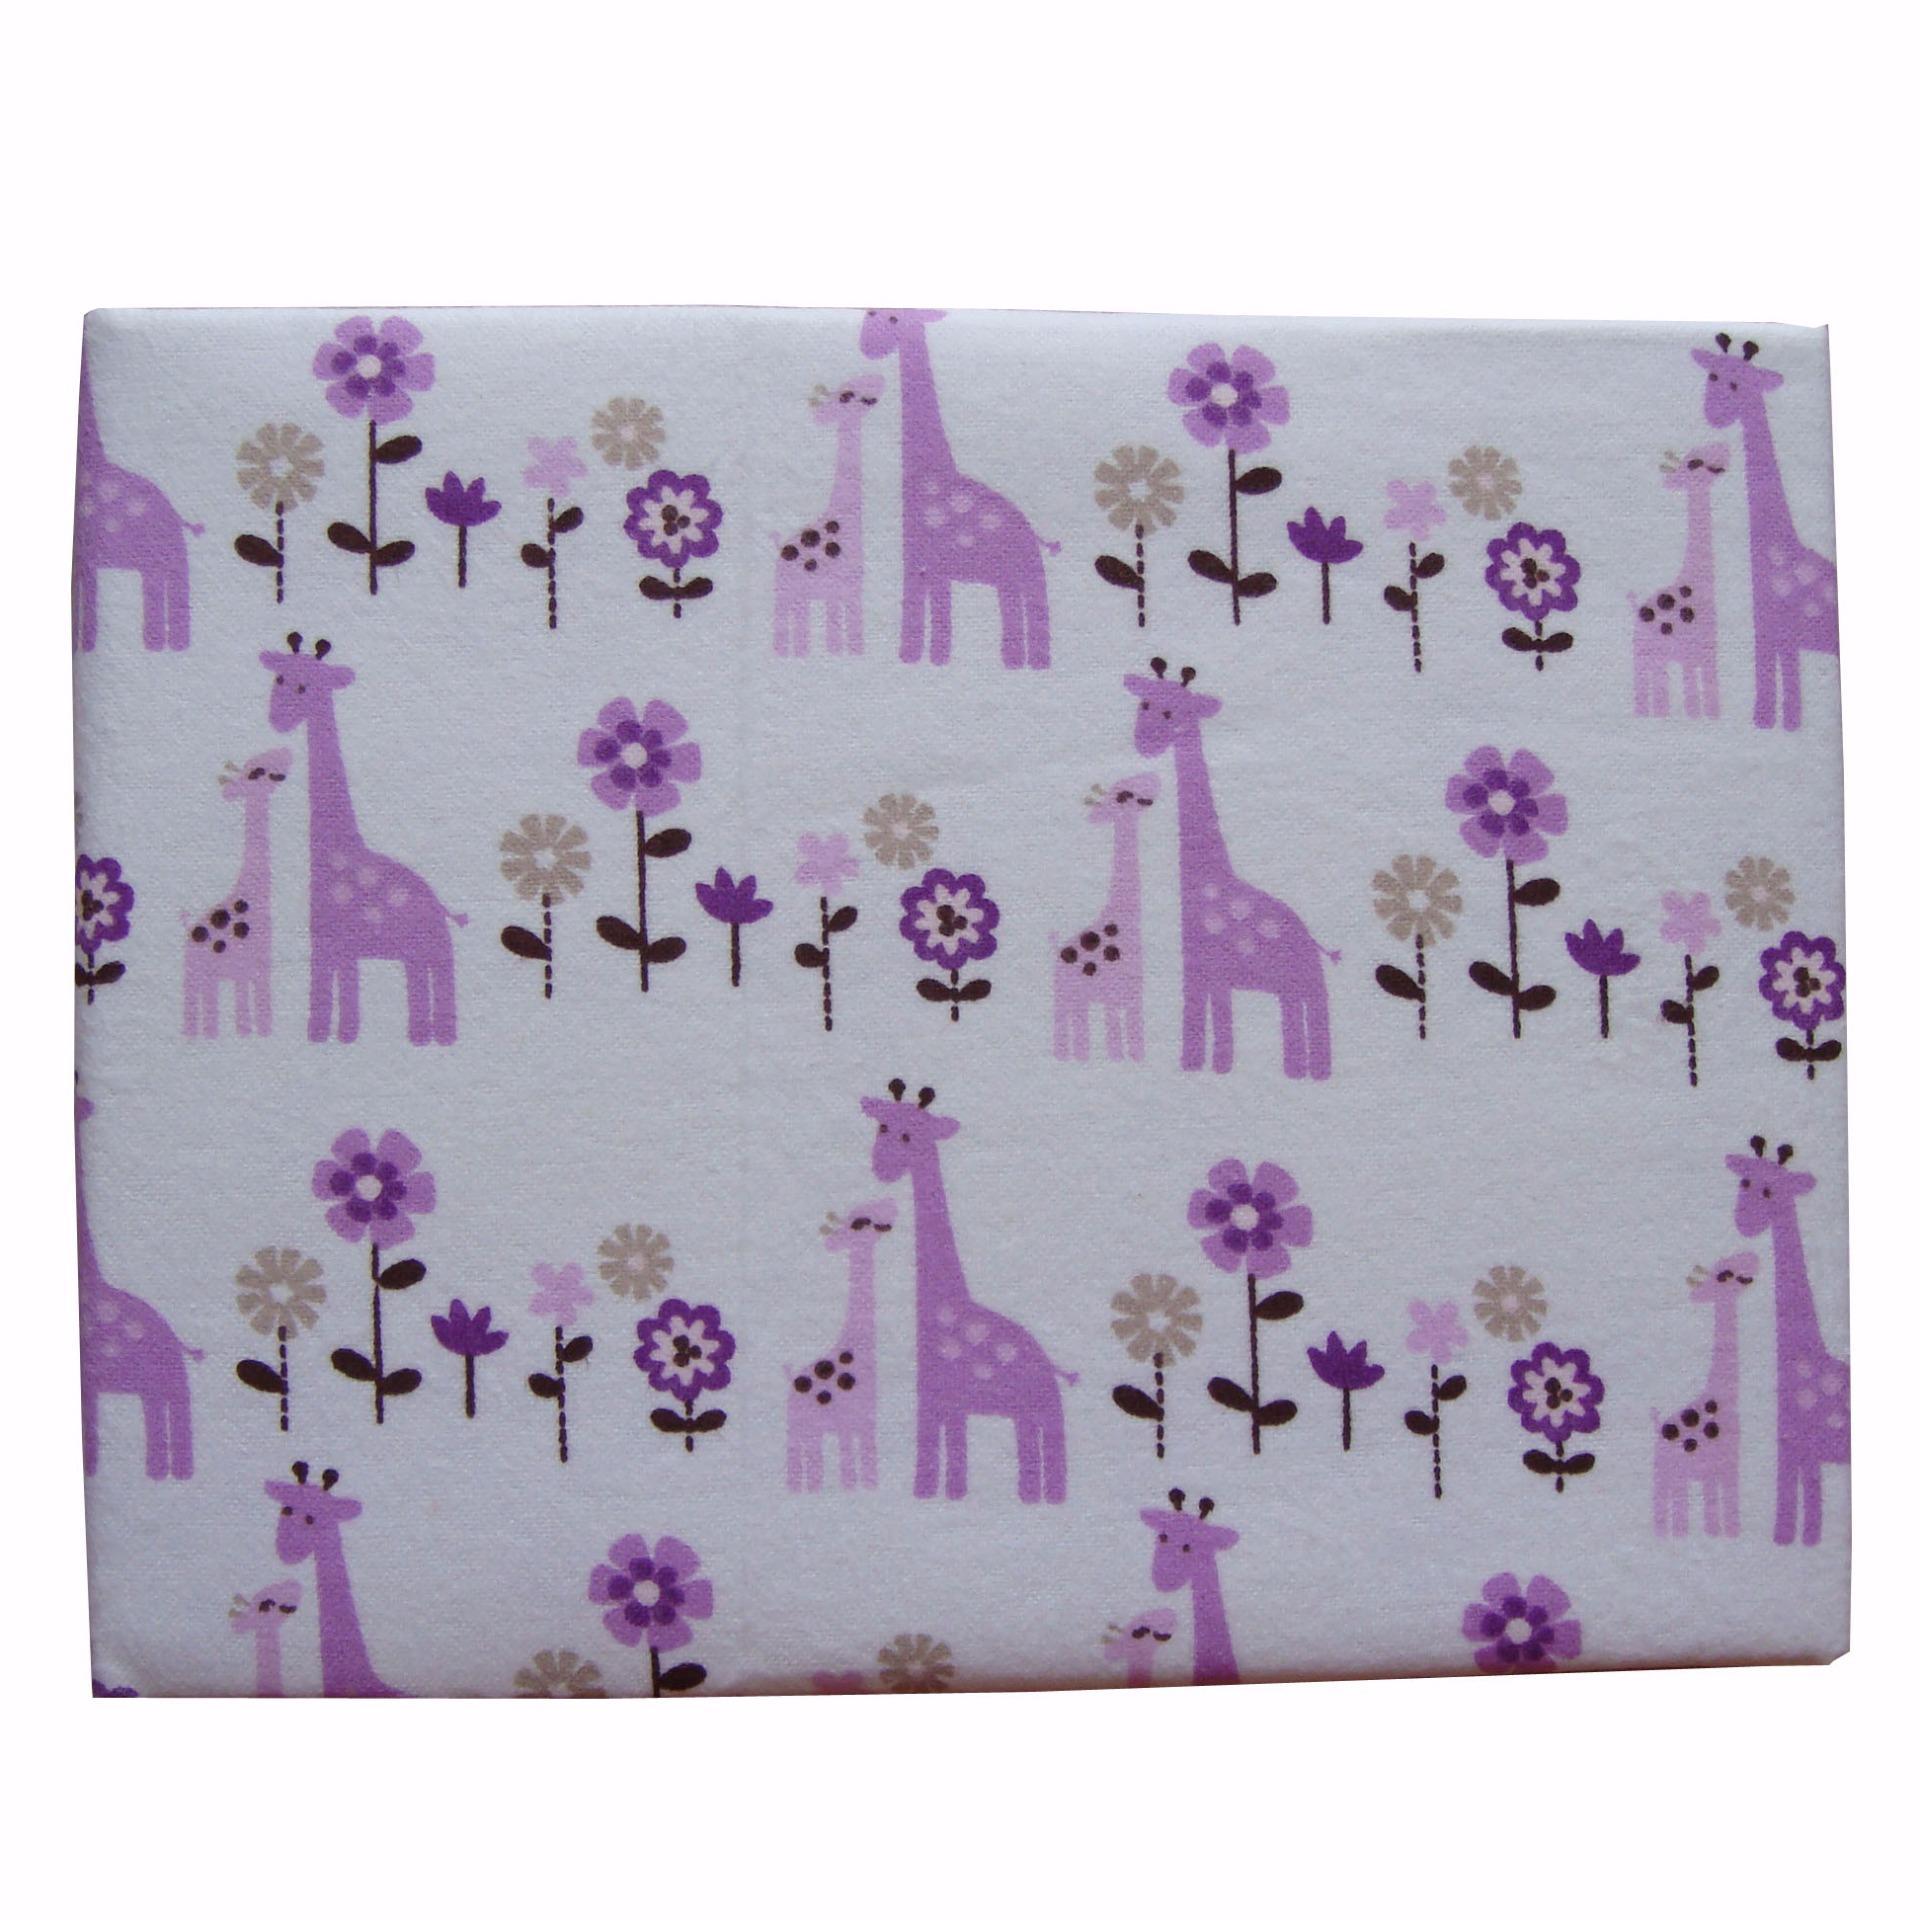 Spesifikasi Mykenzie Baby Keep Me Dry Quilt Pad Perlak Alas Ompol Flanel Waterproof 70X120Cm Giraffe Paling Bagus